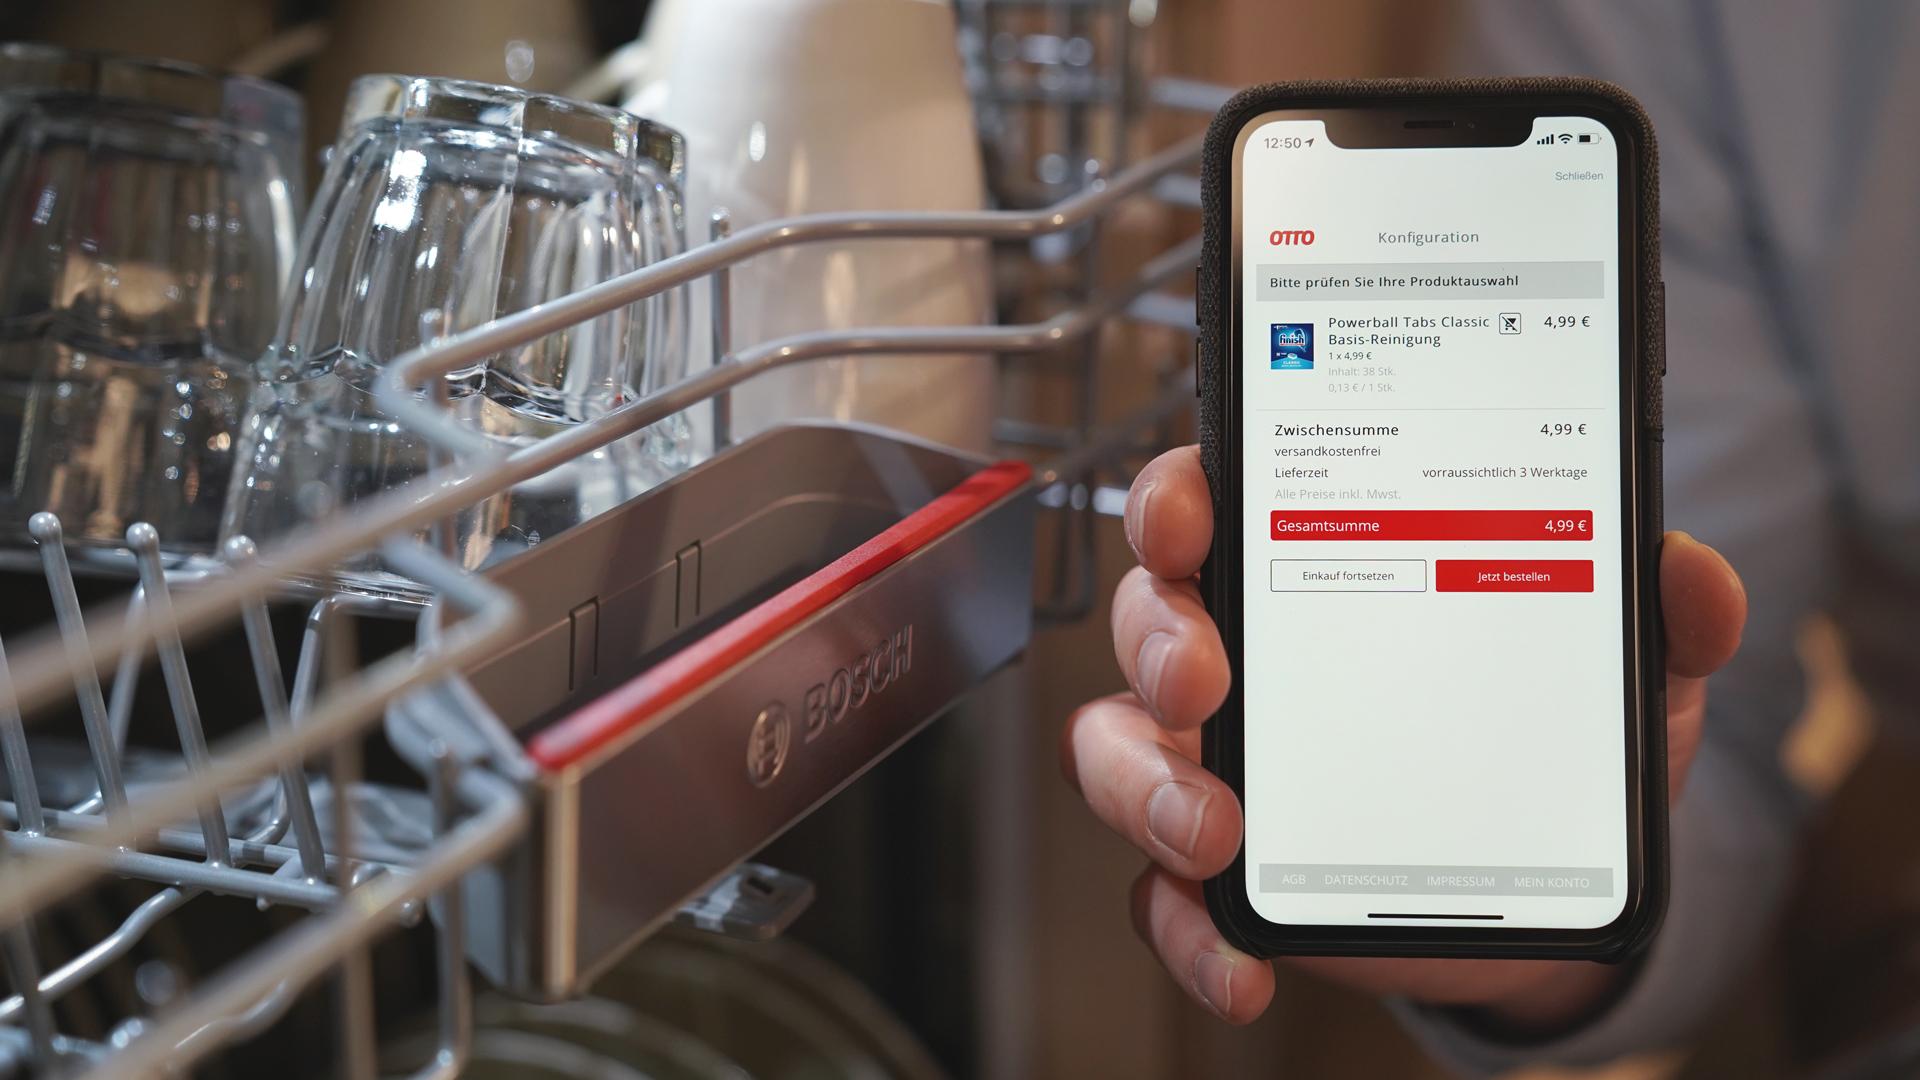 """""""Otto ready"""" """" fungiert als Verbindungselement zwischen Onlineshops und internetfähigen Haushaltsgeräten."""